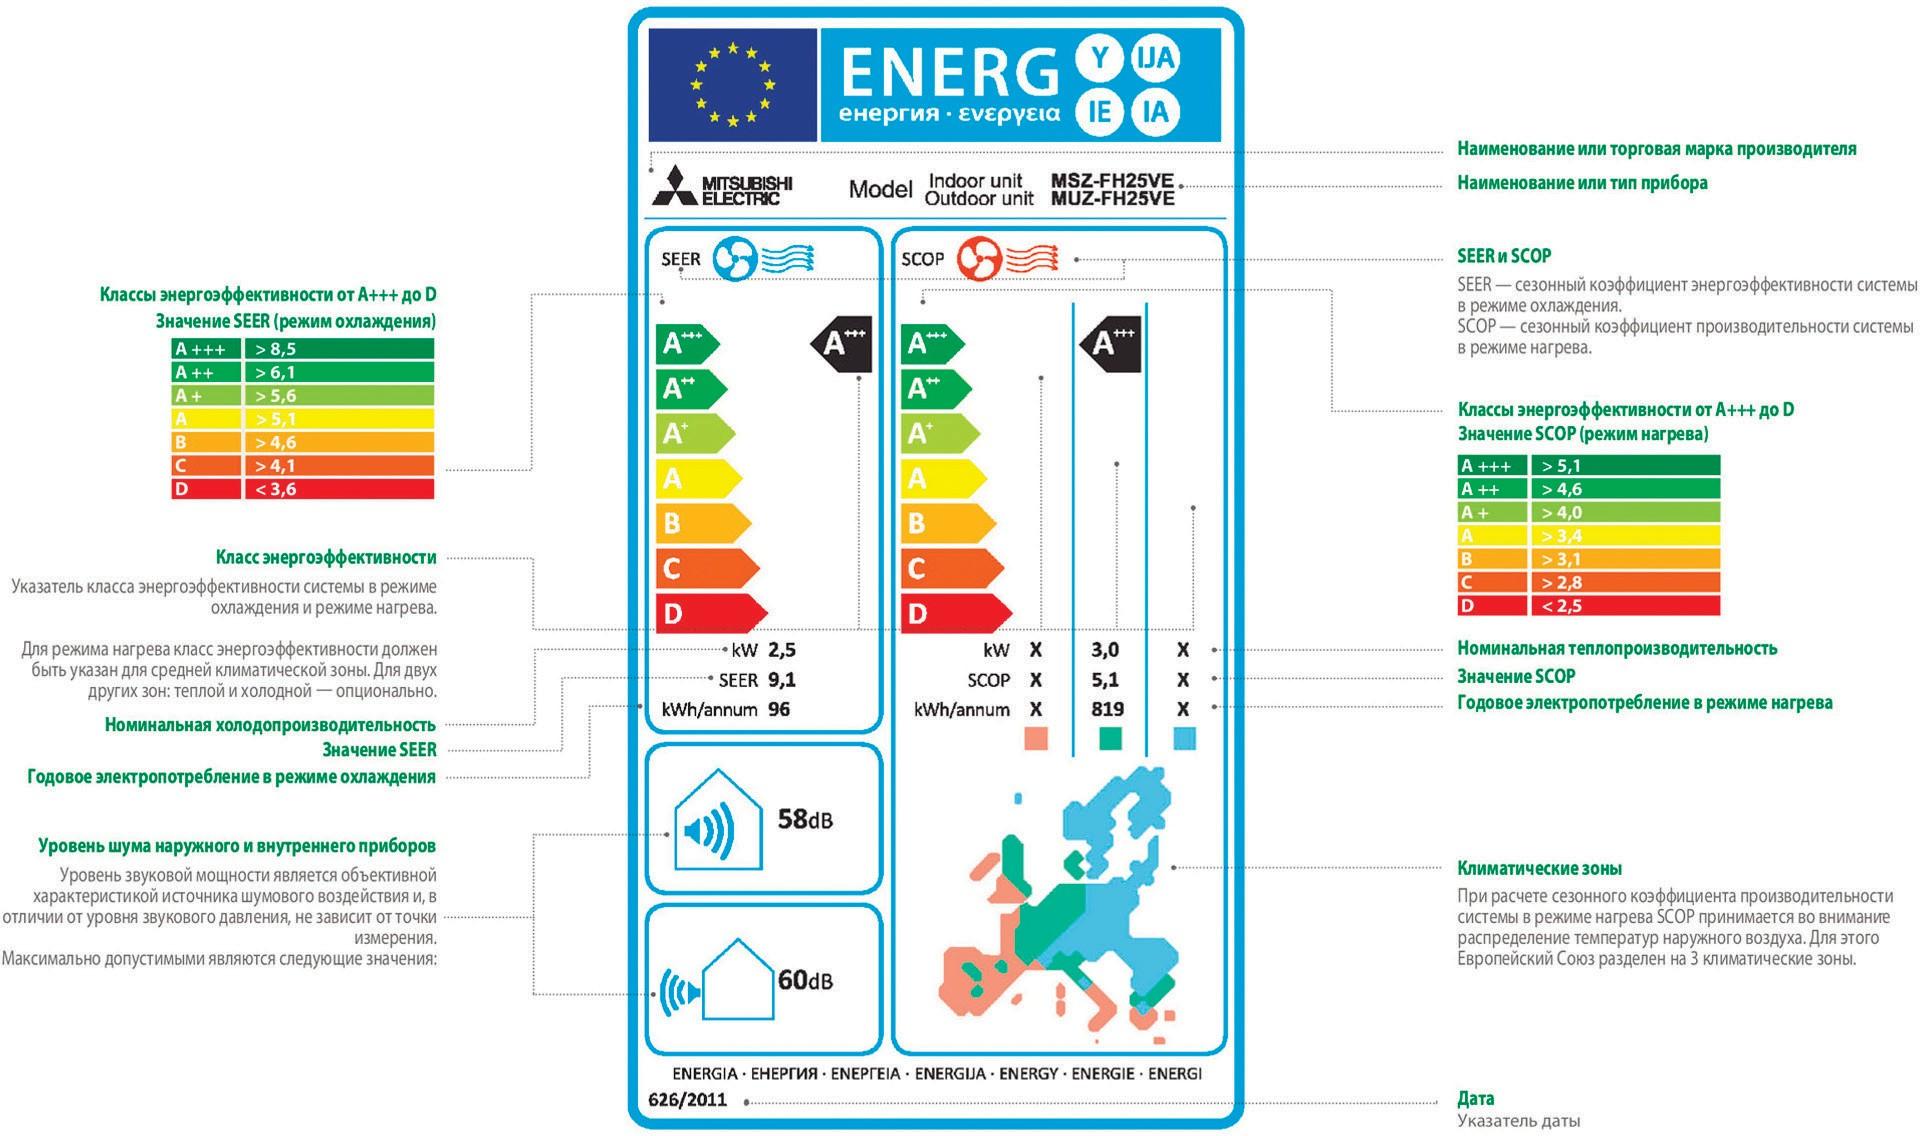 Образец новой энергоэтикетки для ТН в ес